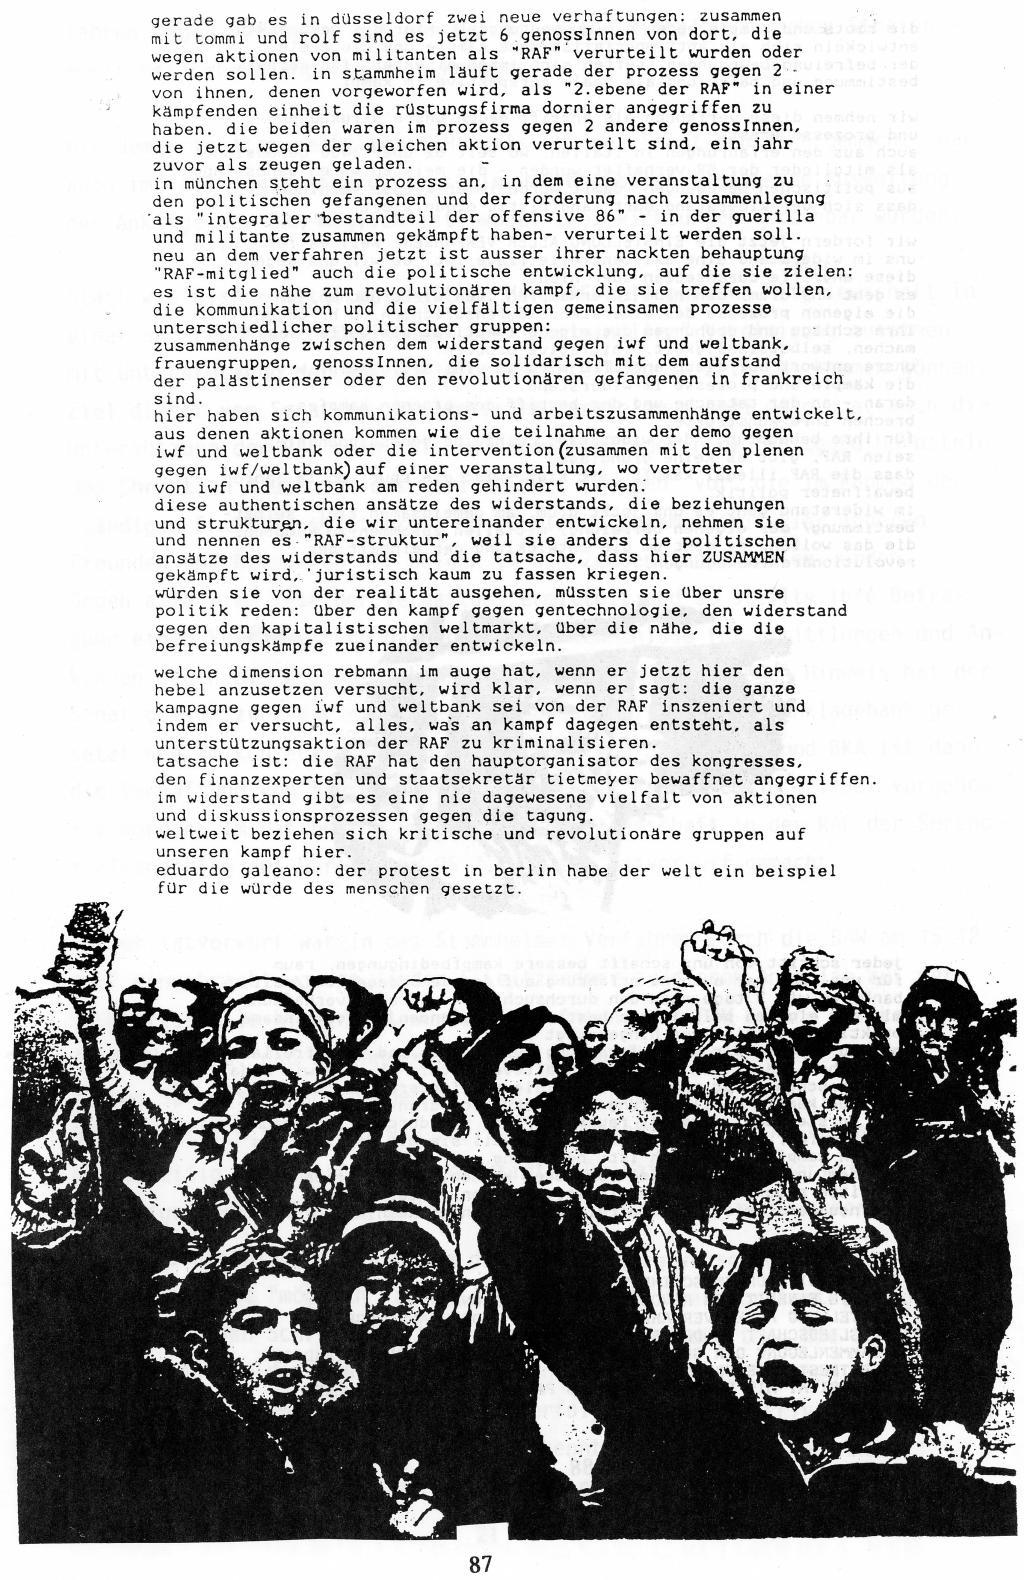 Duesseldorf_1989_Sechs_Politische_Gefangene_087